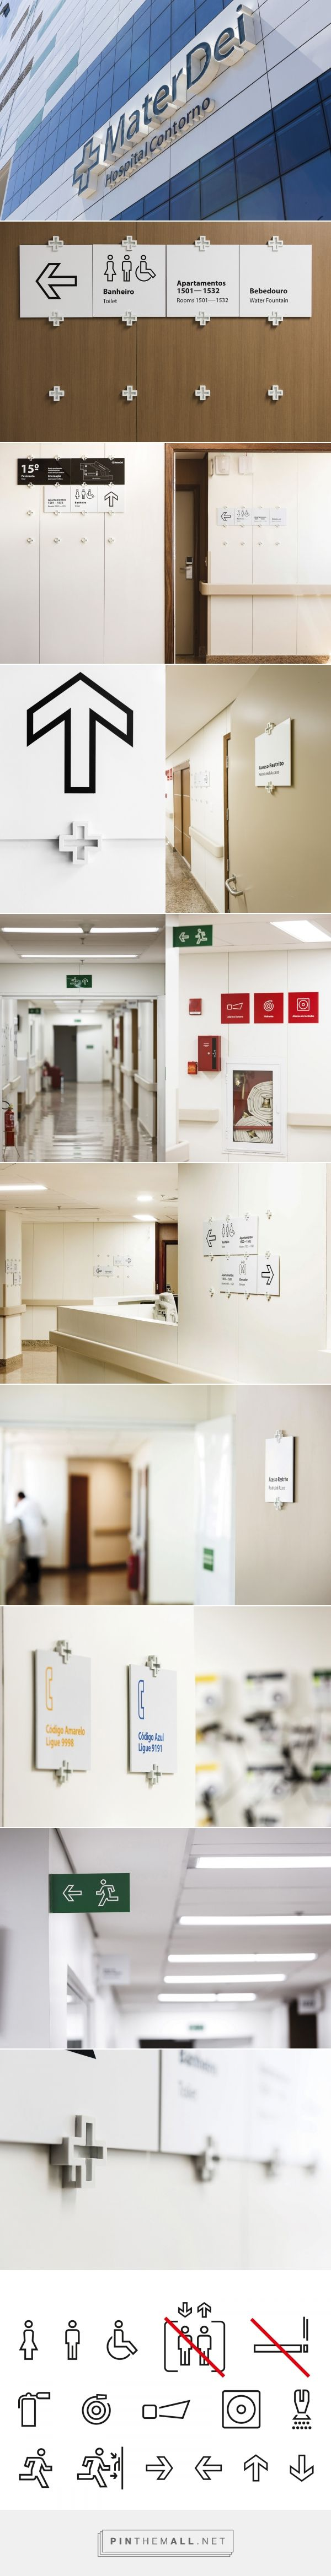 Sinalização Hospital Mater Dei Contorno |  Greco Design - created via https://pinthemall.net